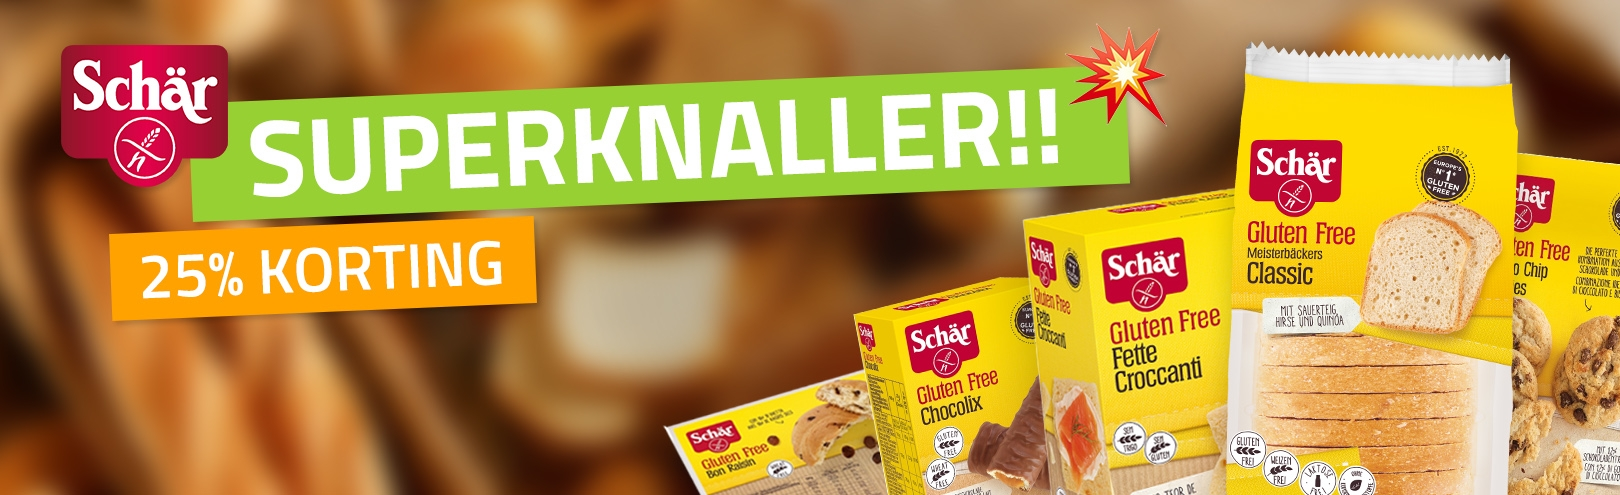 Glutenvrije Schar Producten